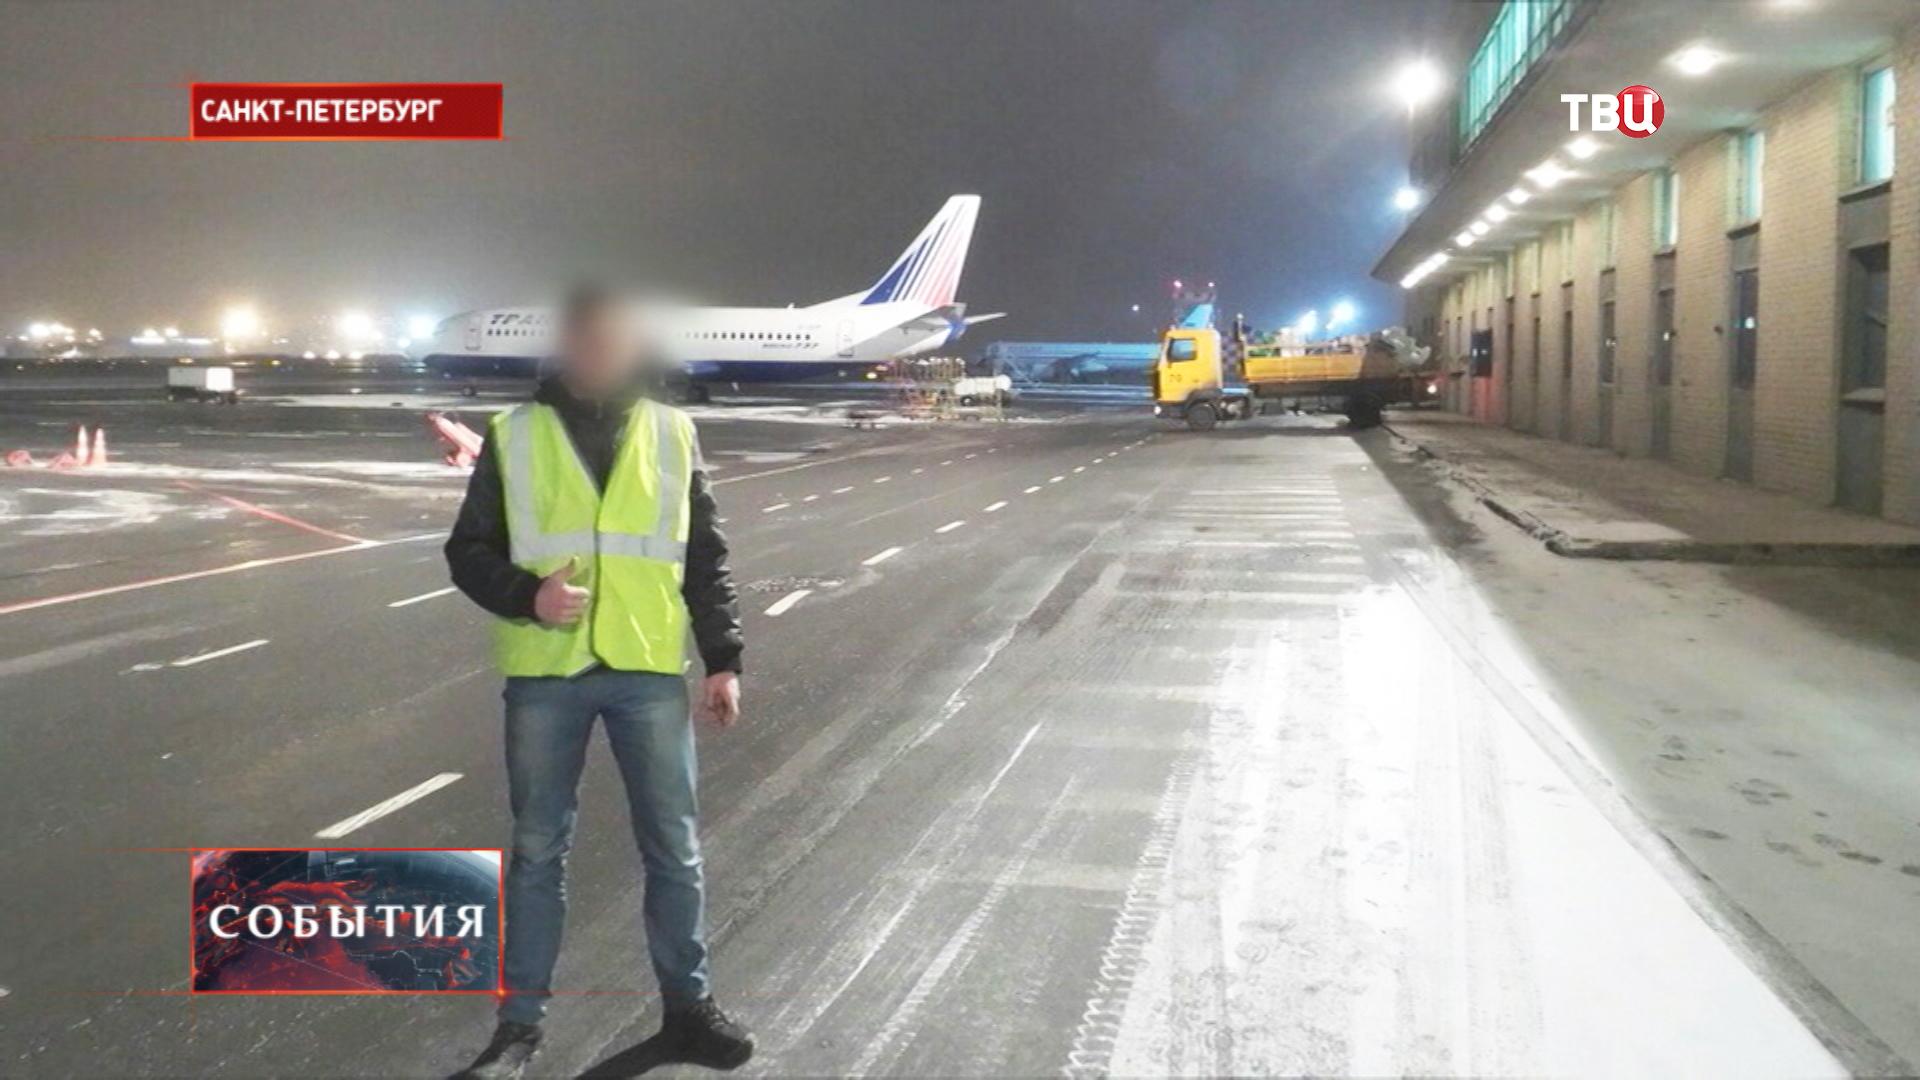 """Аэропорт """"Пулково"""". Подросток в зоне, закрытой для посторонних"""